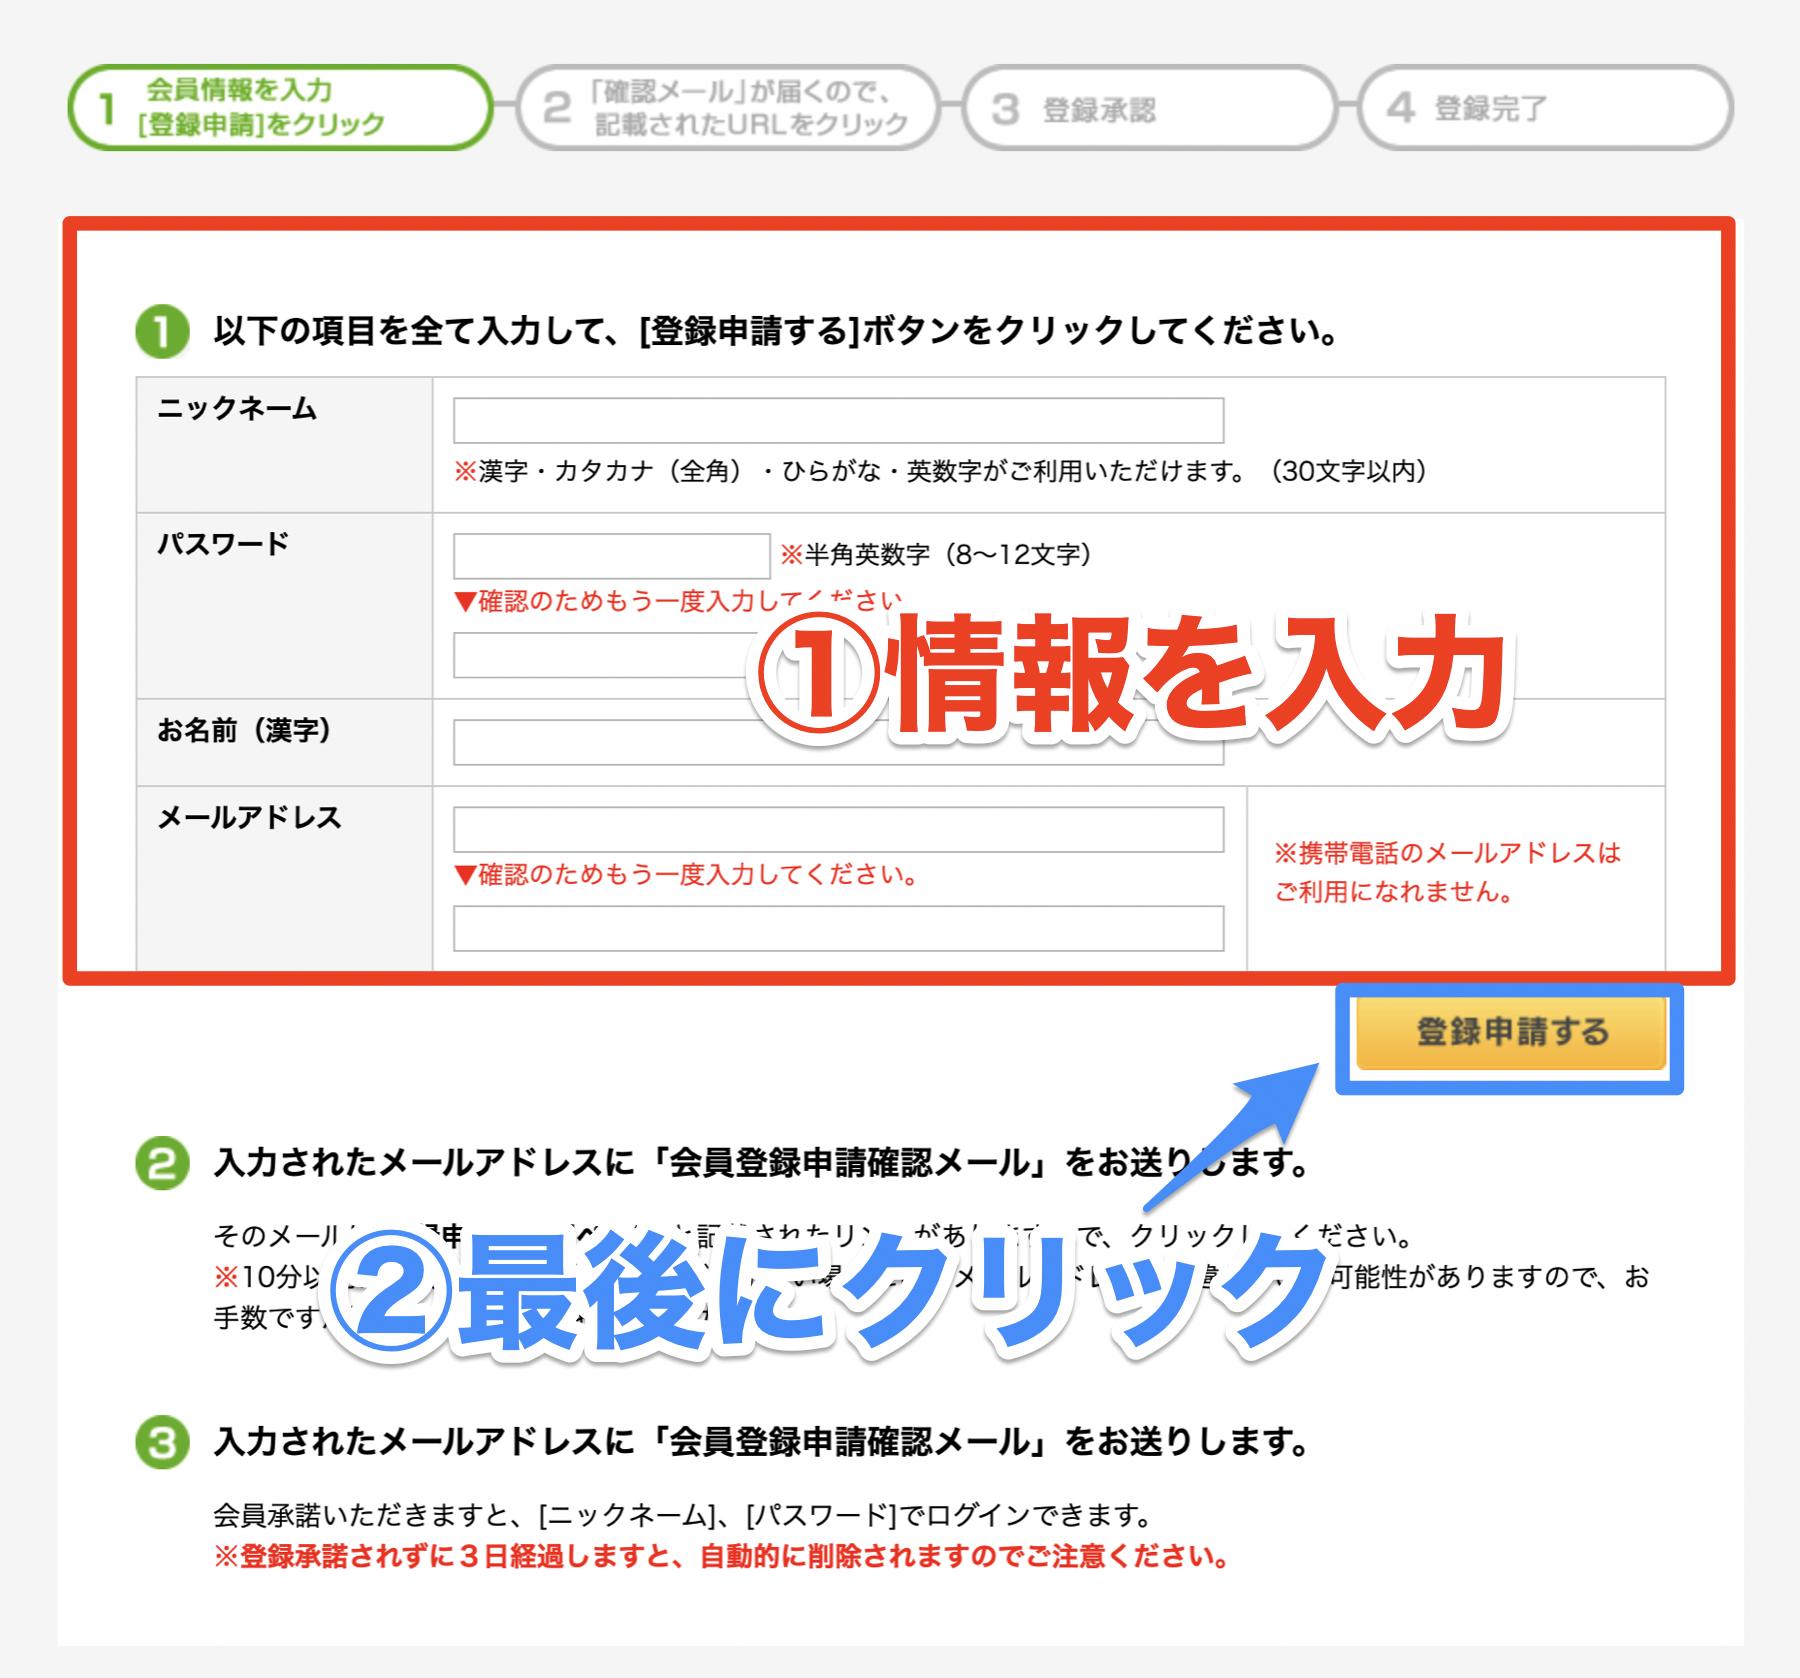 アップルワールドで新規会員登録する方法